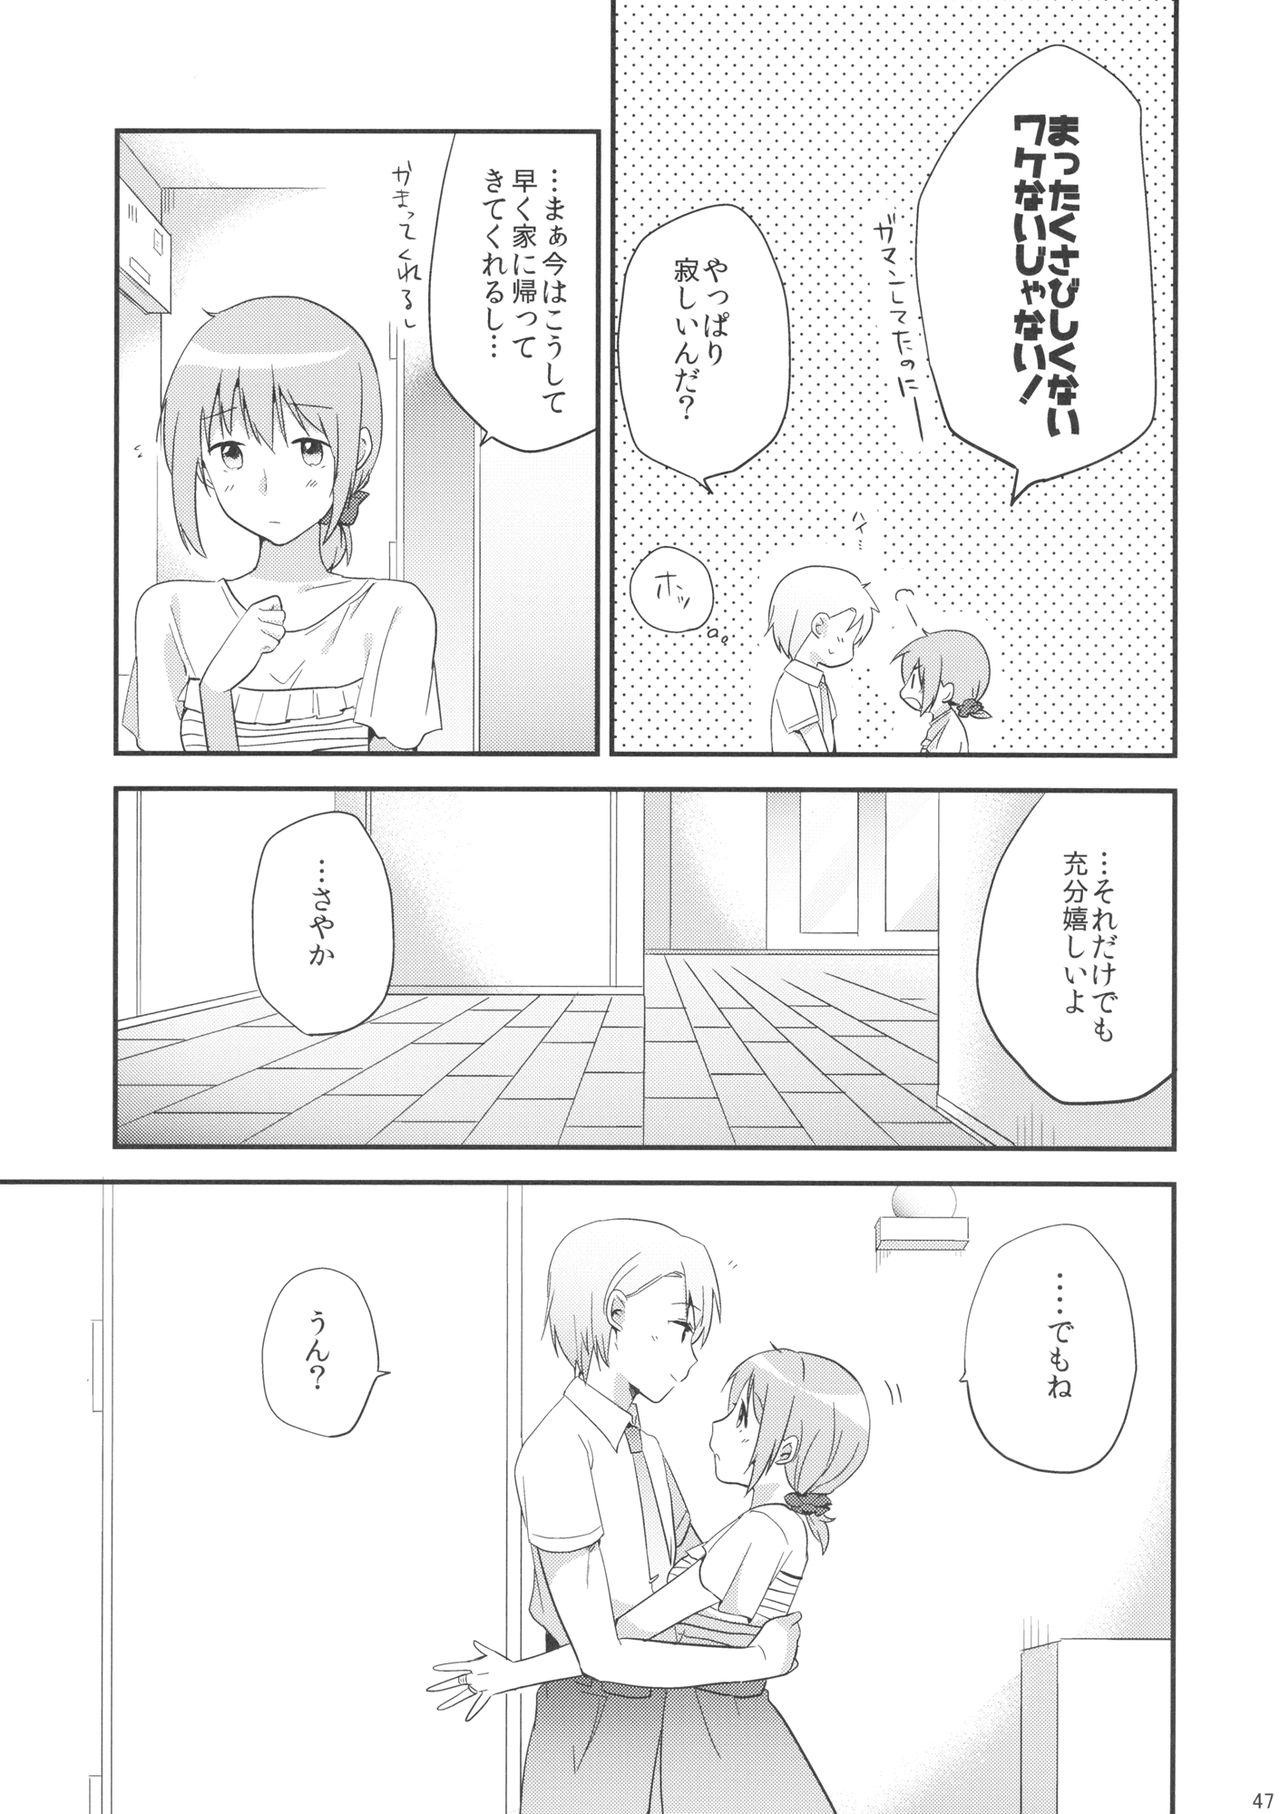 if Kanzenban 45